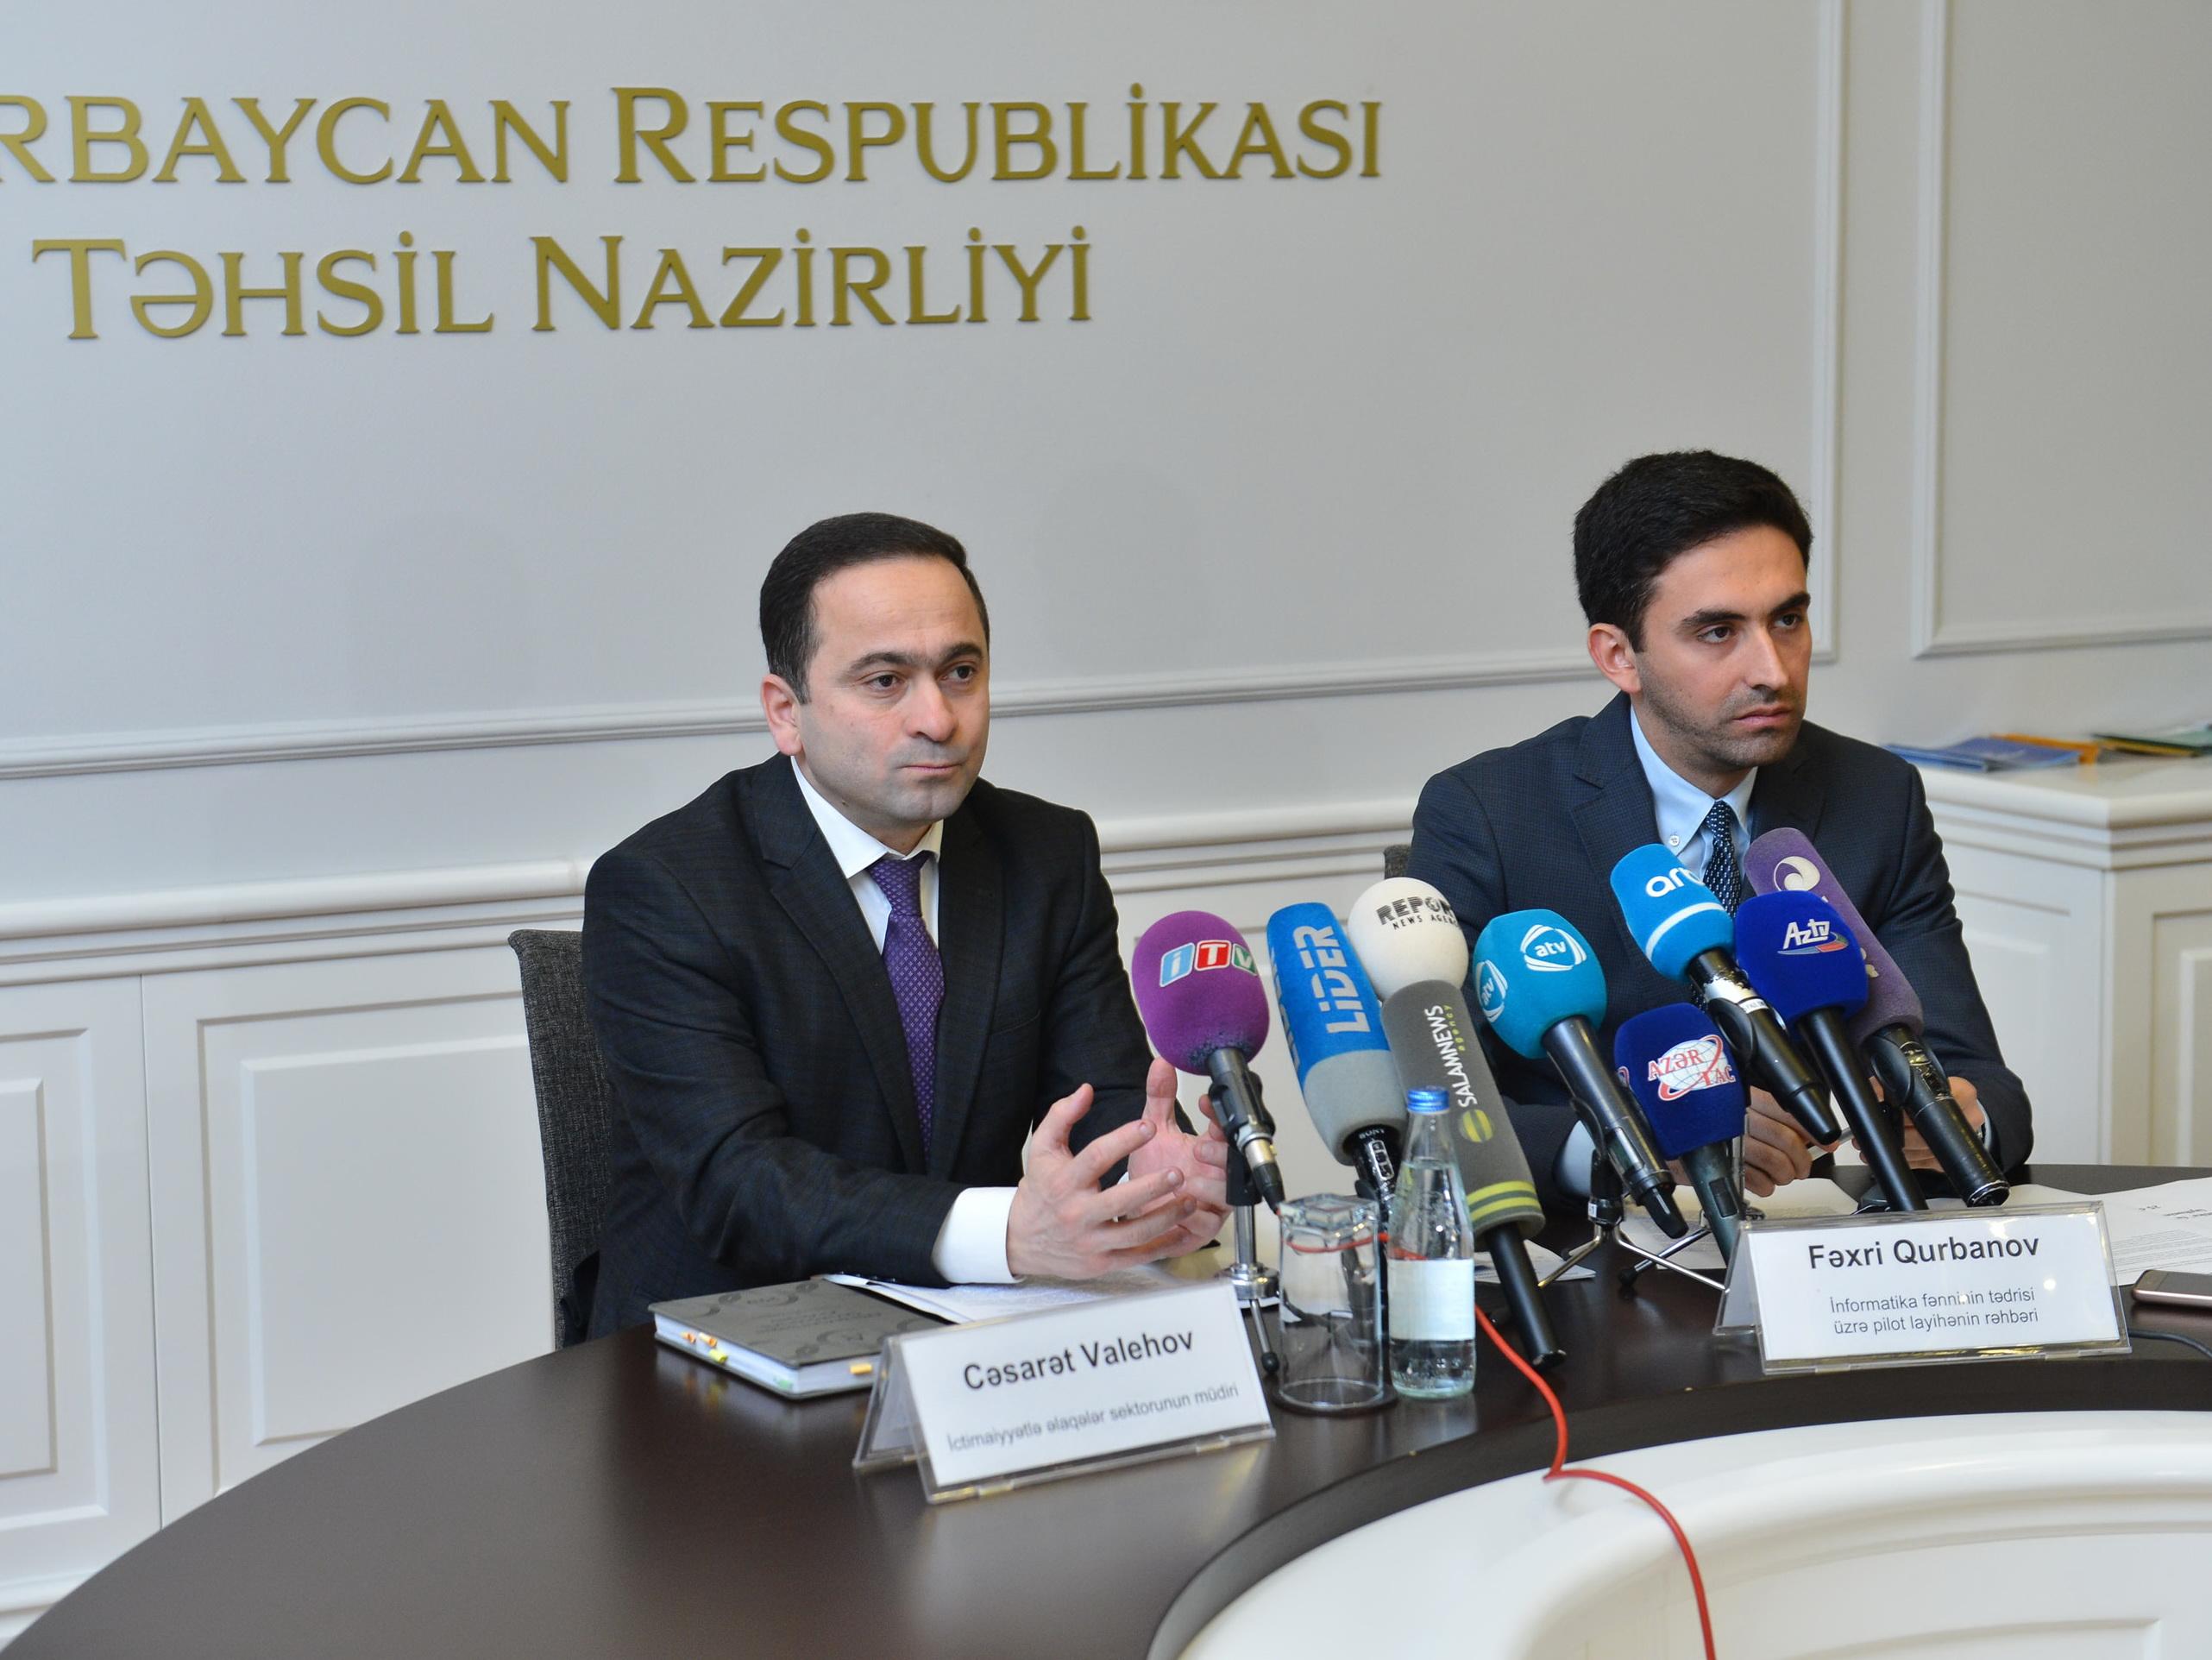 В Азербайджане стартовал пилотный проект по преподаванию школьного предмета «Информатика» - ФОТО - ВИДЕО